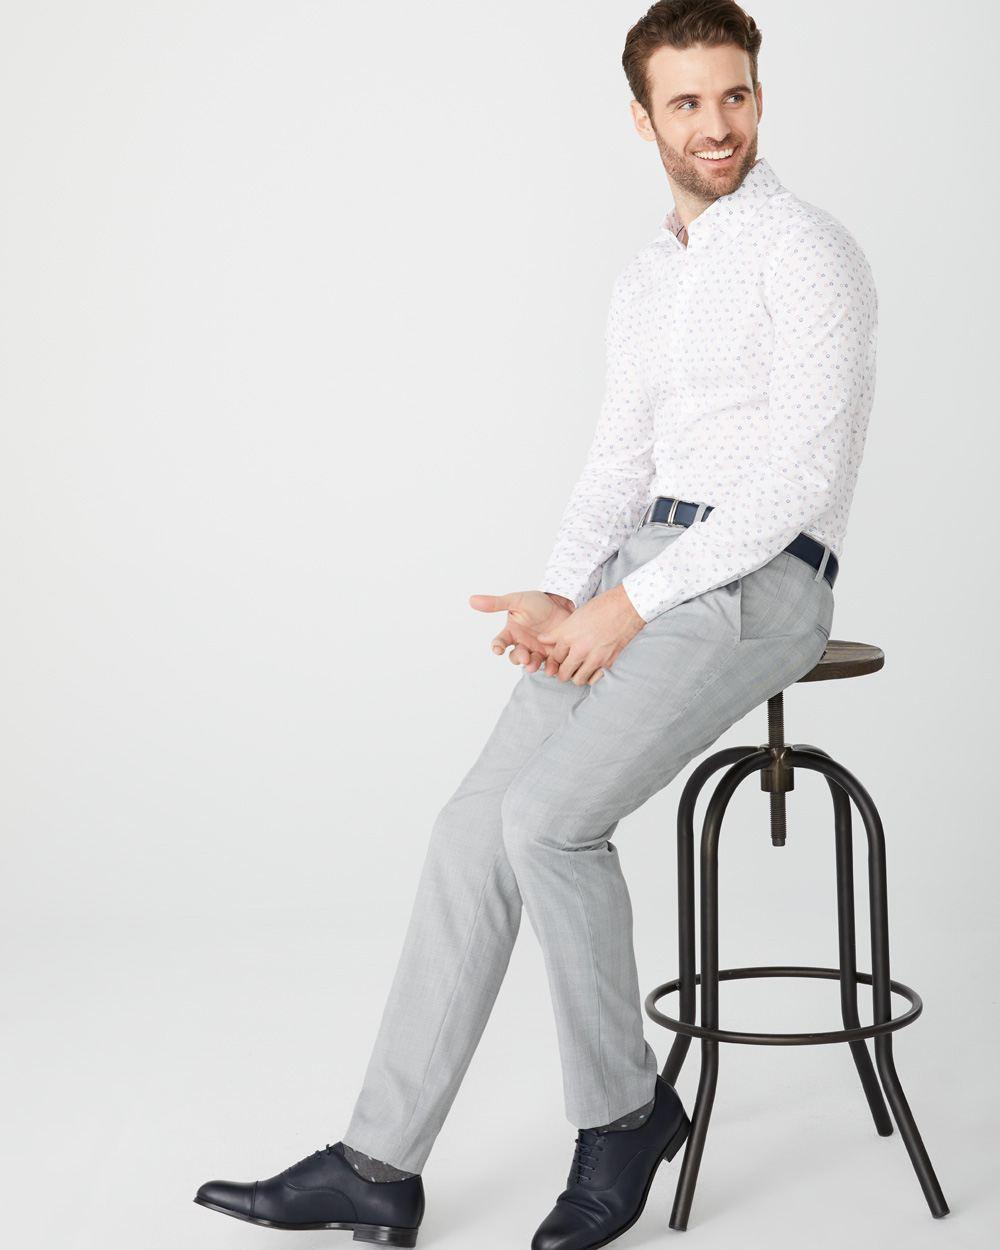 pantalon carreaux prince de galles coupe ajust e rw co. Black Bedroom Furniture Sets. Home Design Ideas